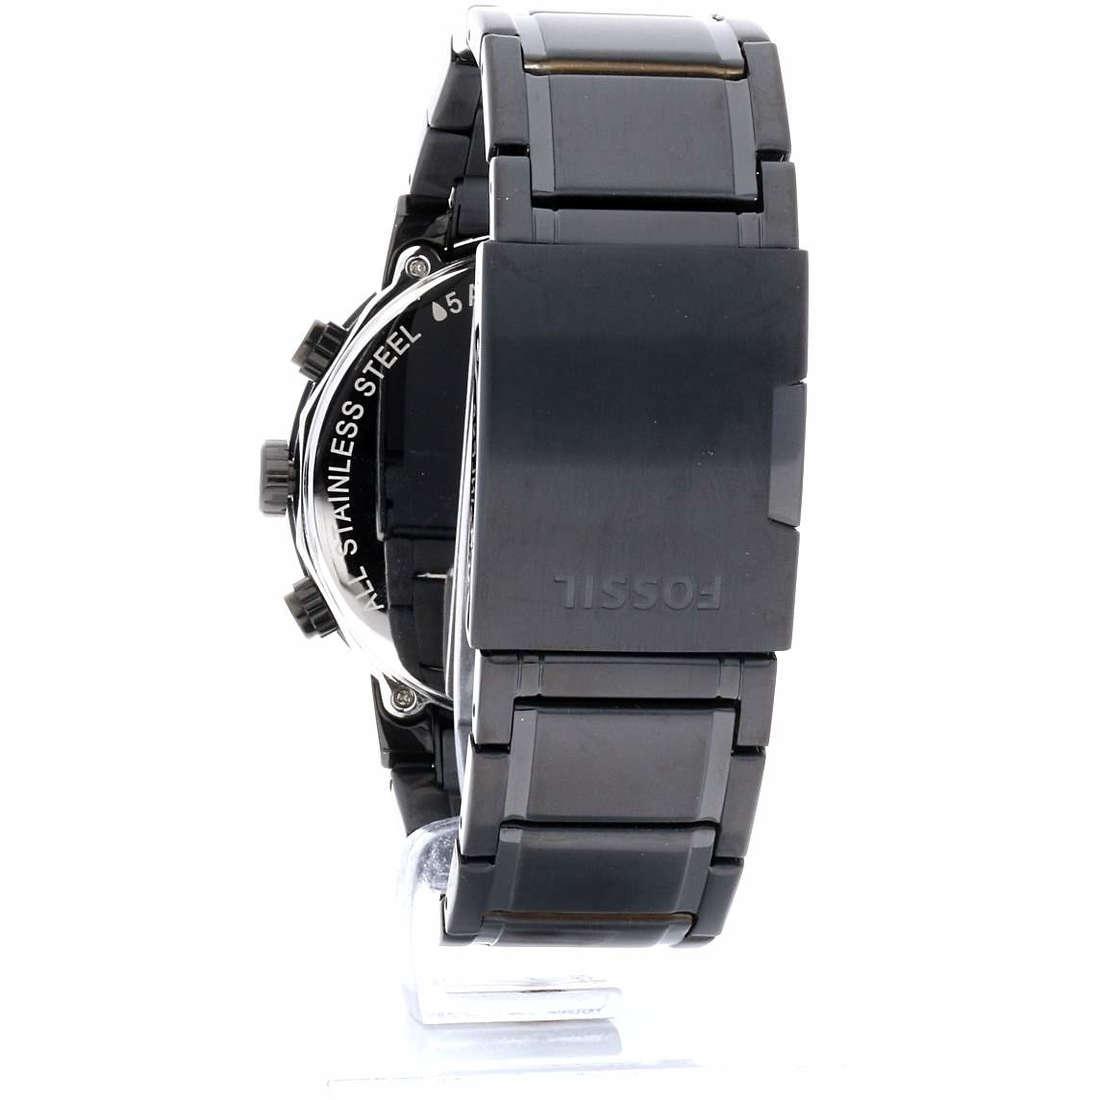 nouvelles montres homme Fossil FS4778